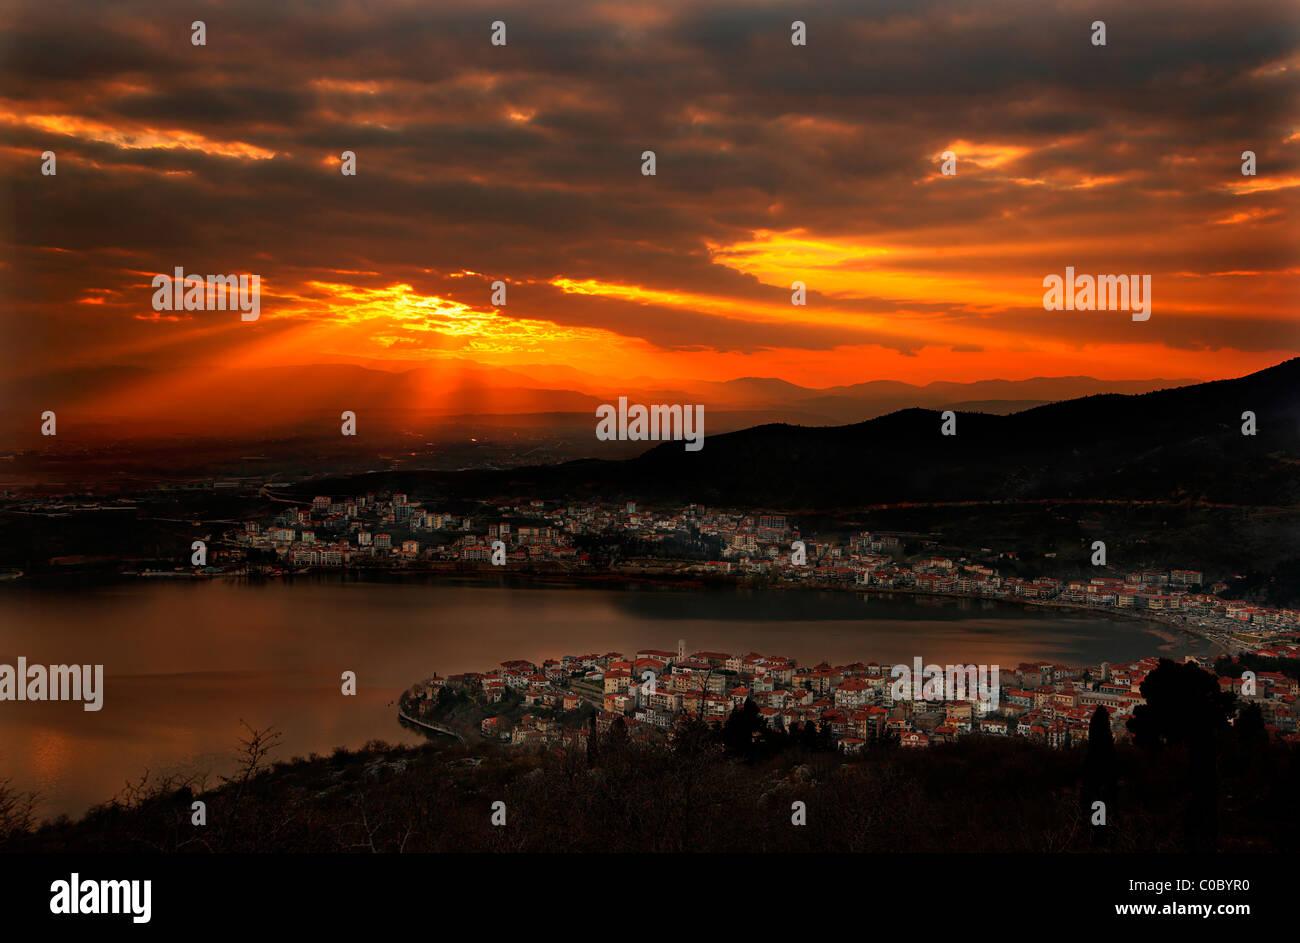 Puesta de sol en la ciudad y al lago Kastoria Orestias (o 'Orestiada'), Macedonia, Grecia Imagen De Stock